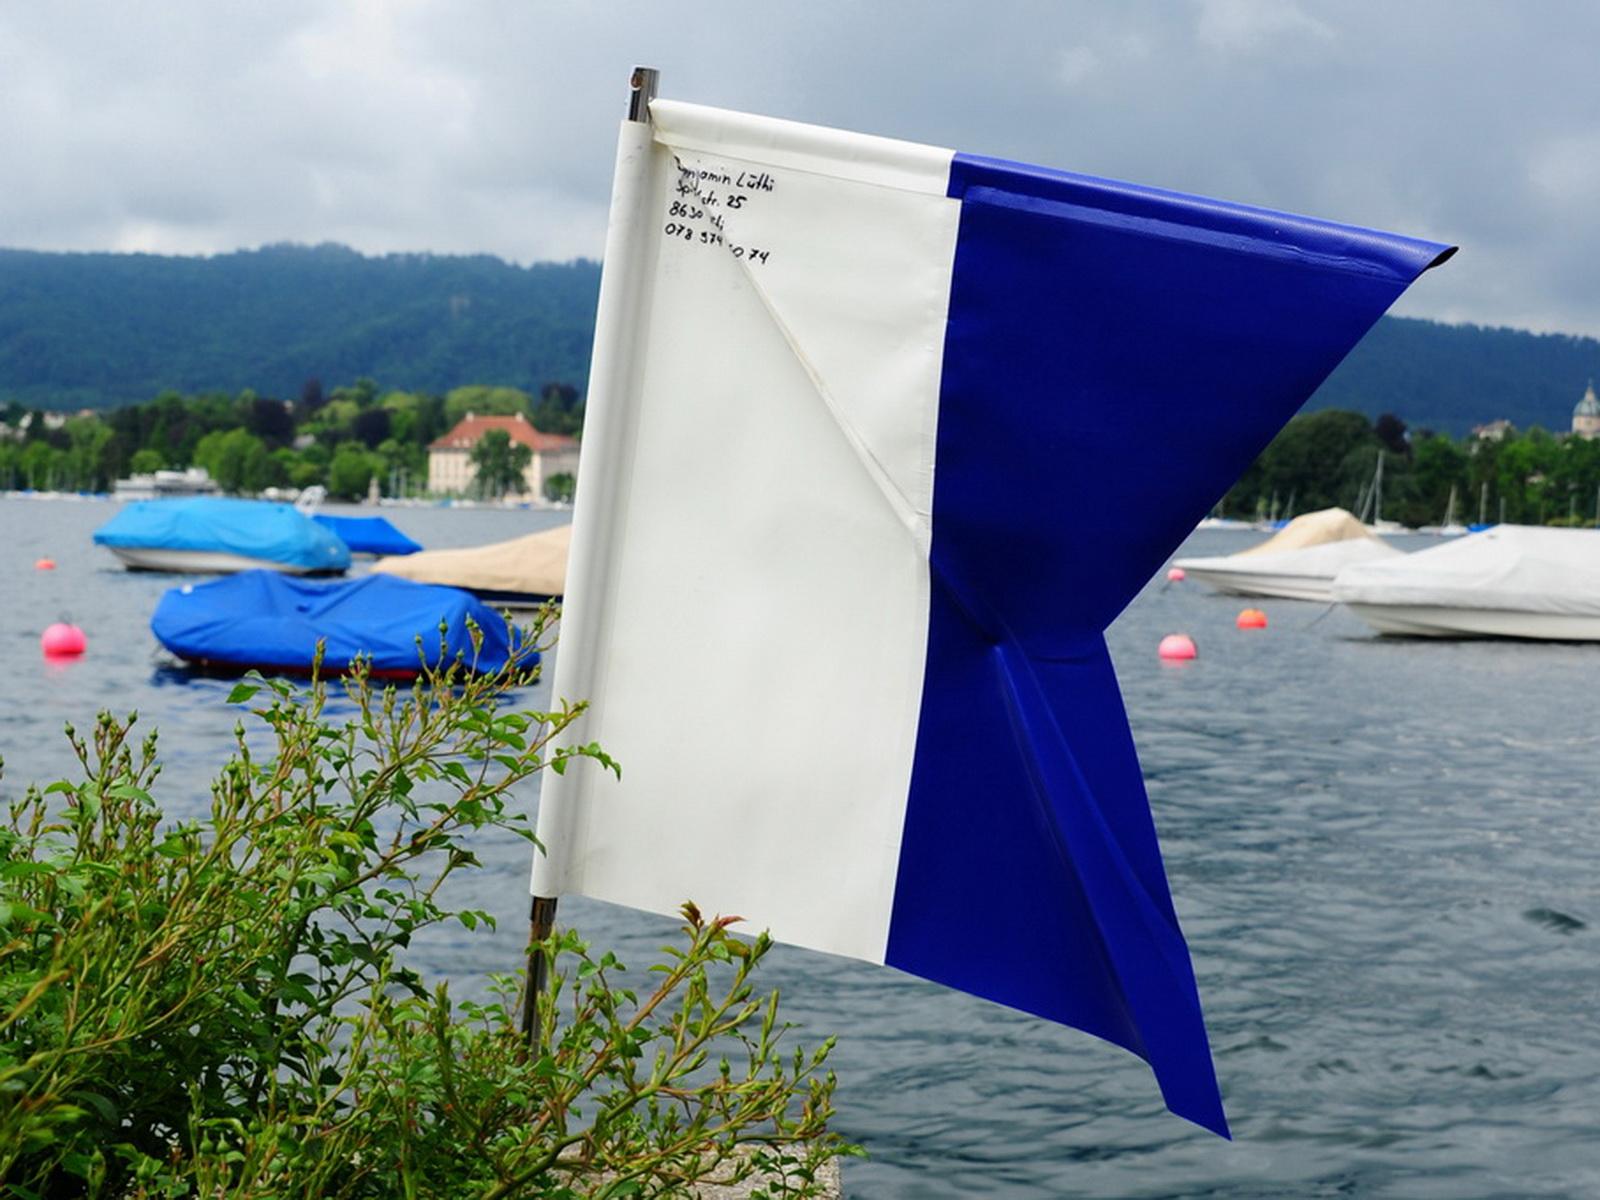 Tauchflagge vorgeschrieben beim Tauchen